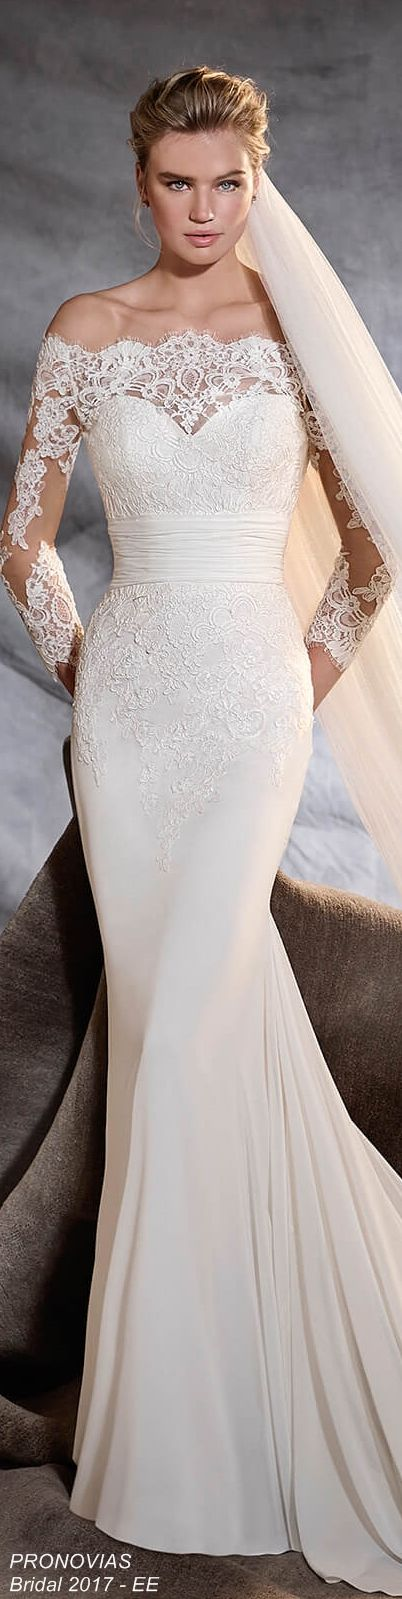 //PRONOVIAS Bridal Collection 2017 - EE